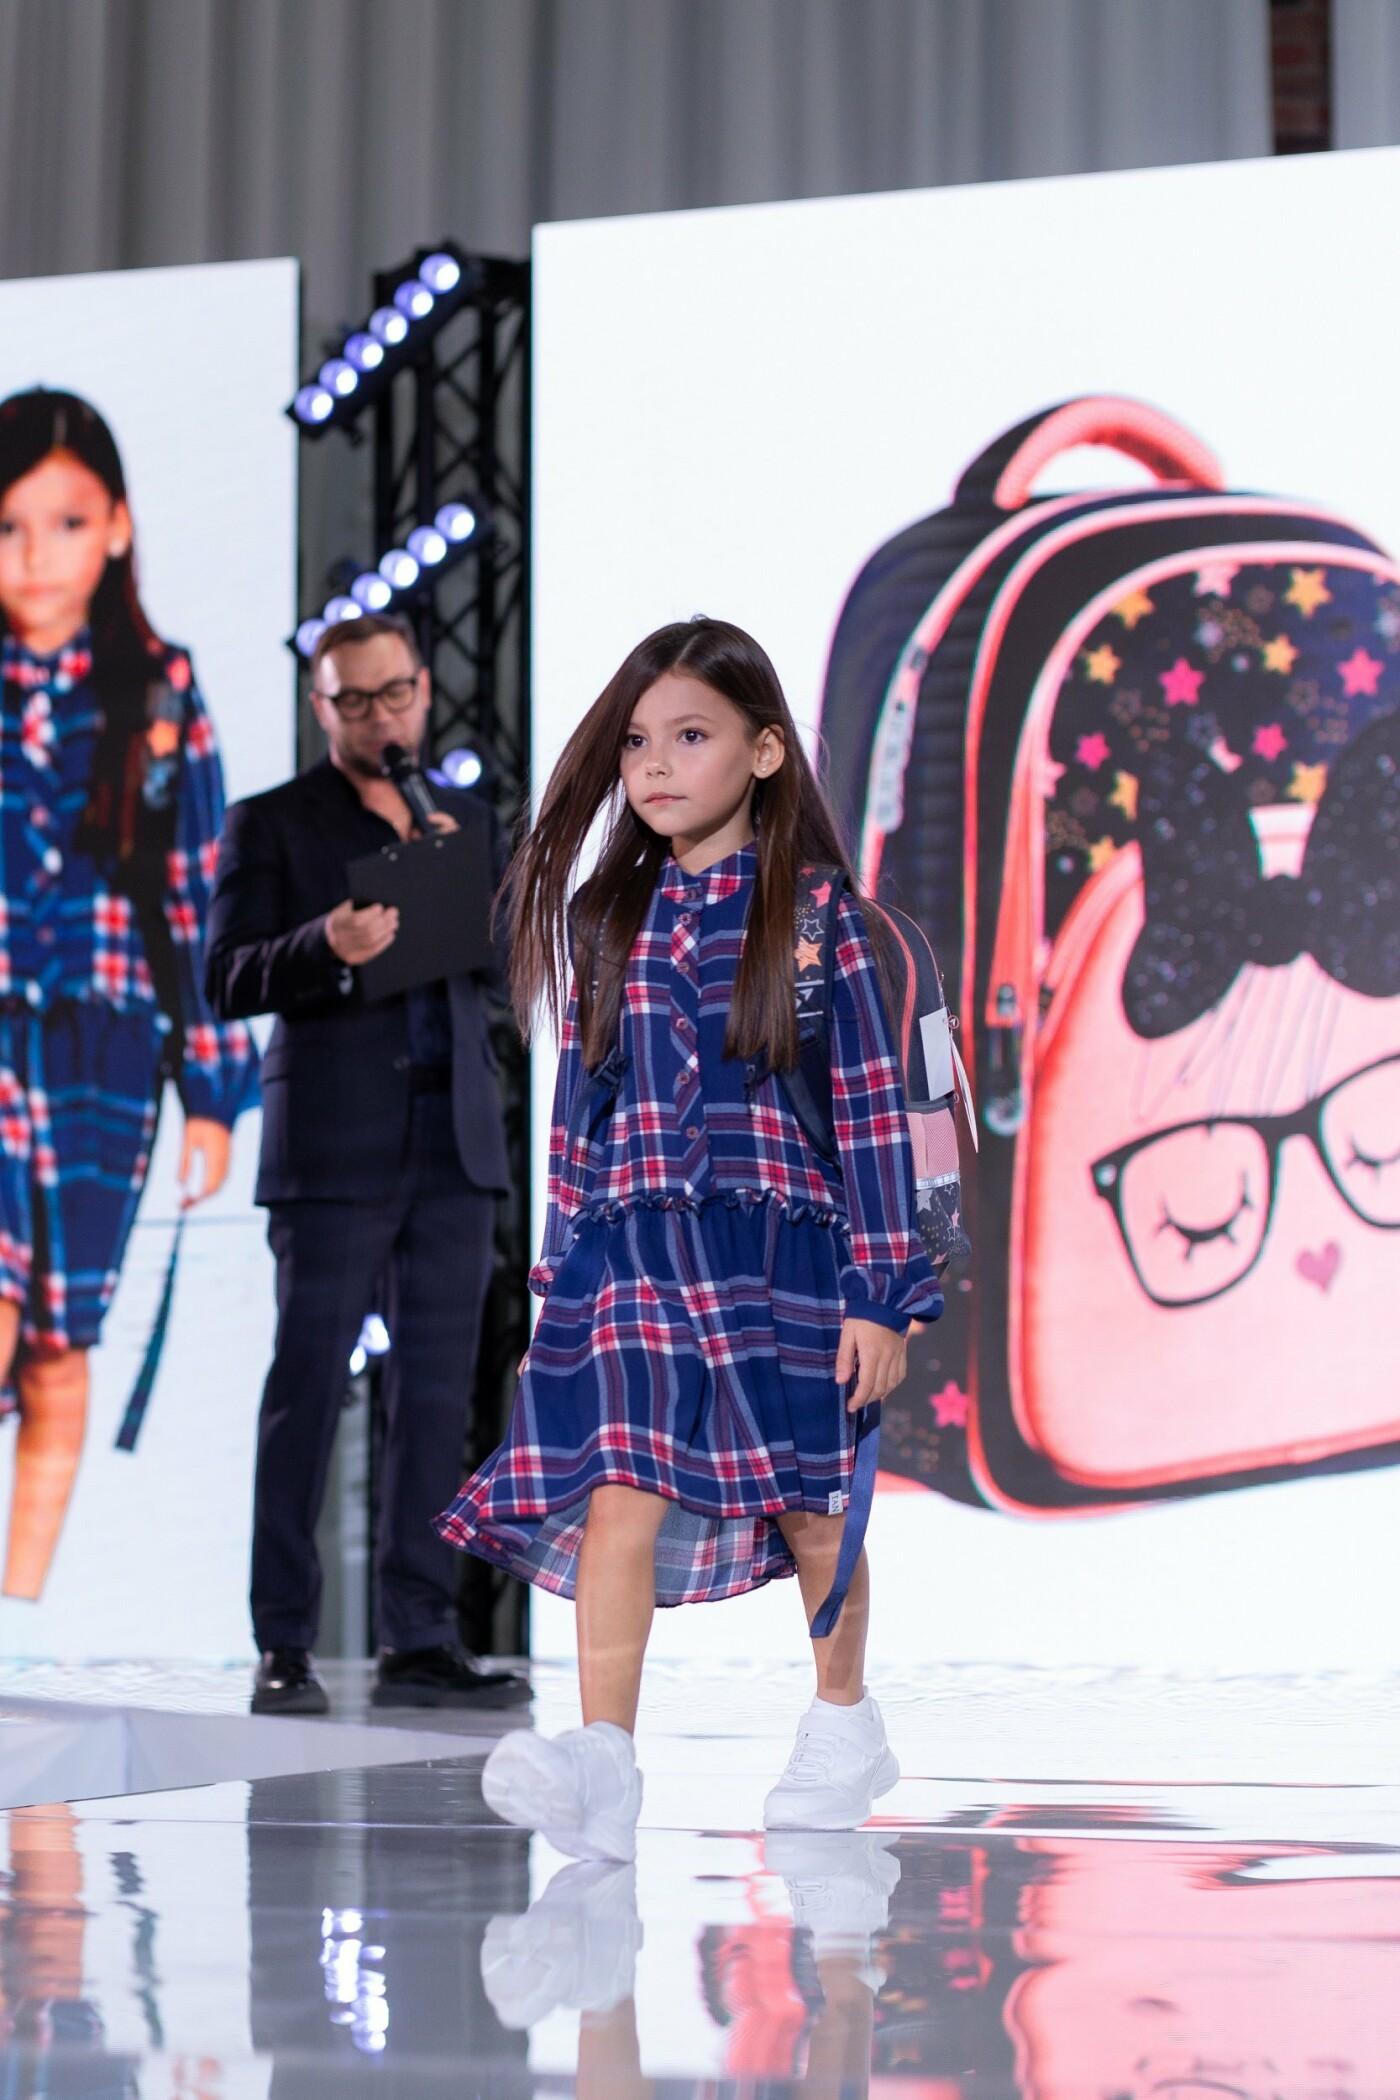 Рюкзаки YES влаштували перший в світі fashion-показ рюкзаків, фото-1